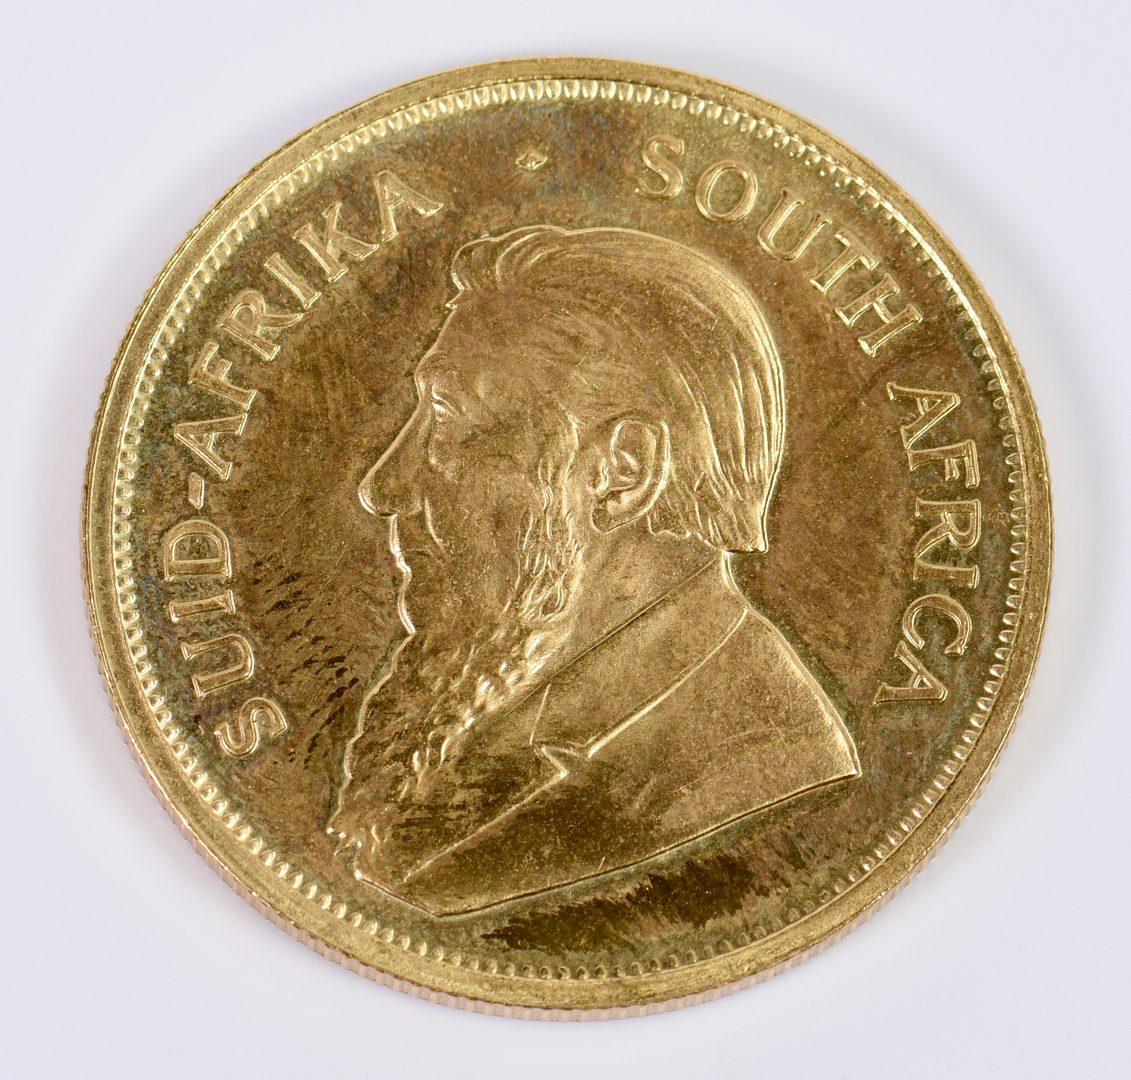 Lot 7: 1977 Krugerrand 1 oz Fine gold coin